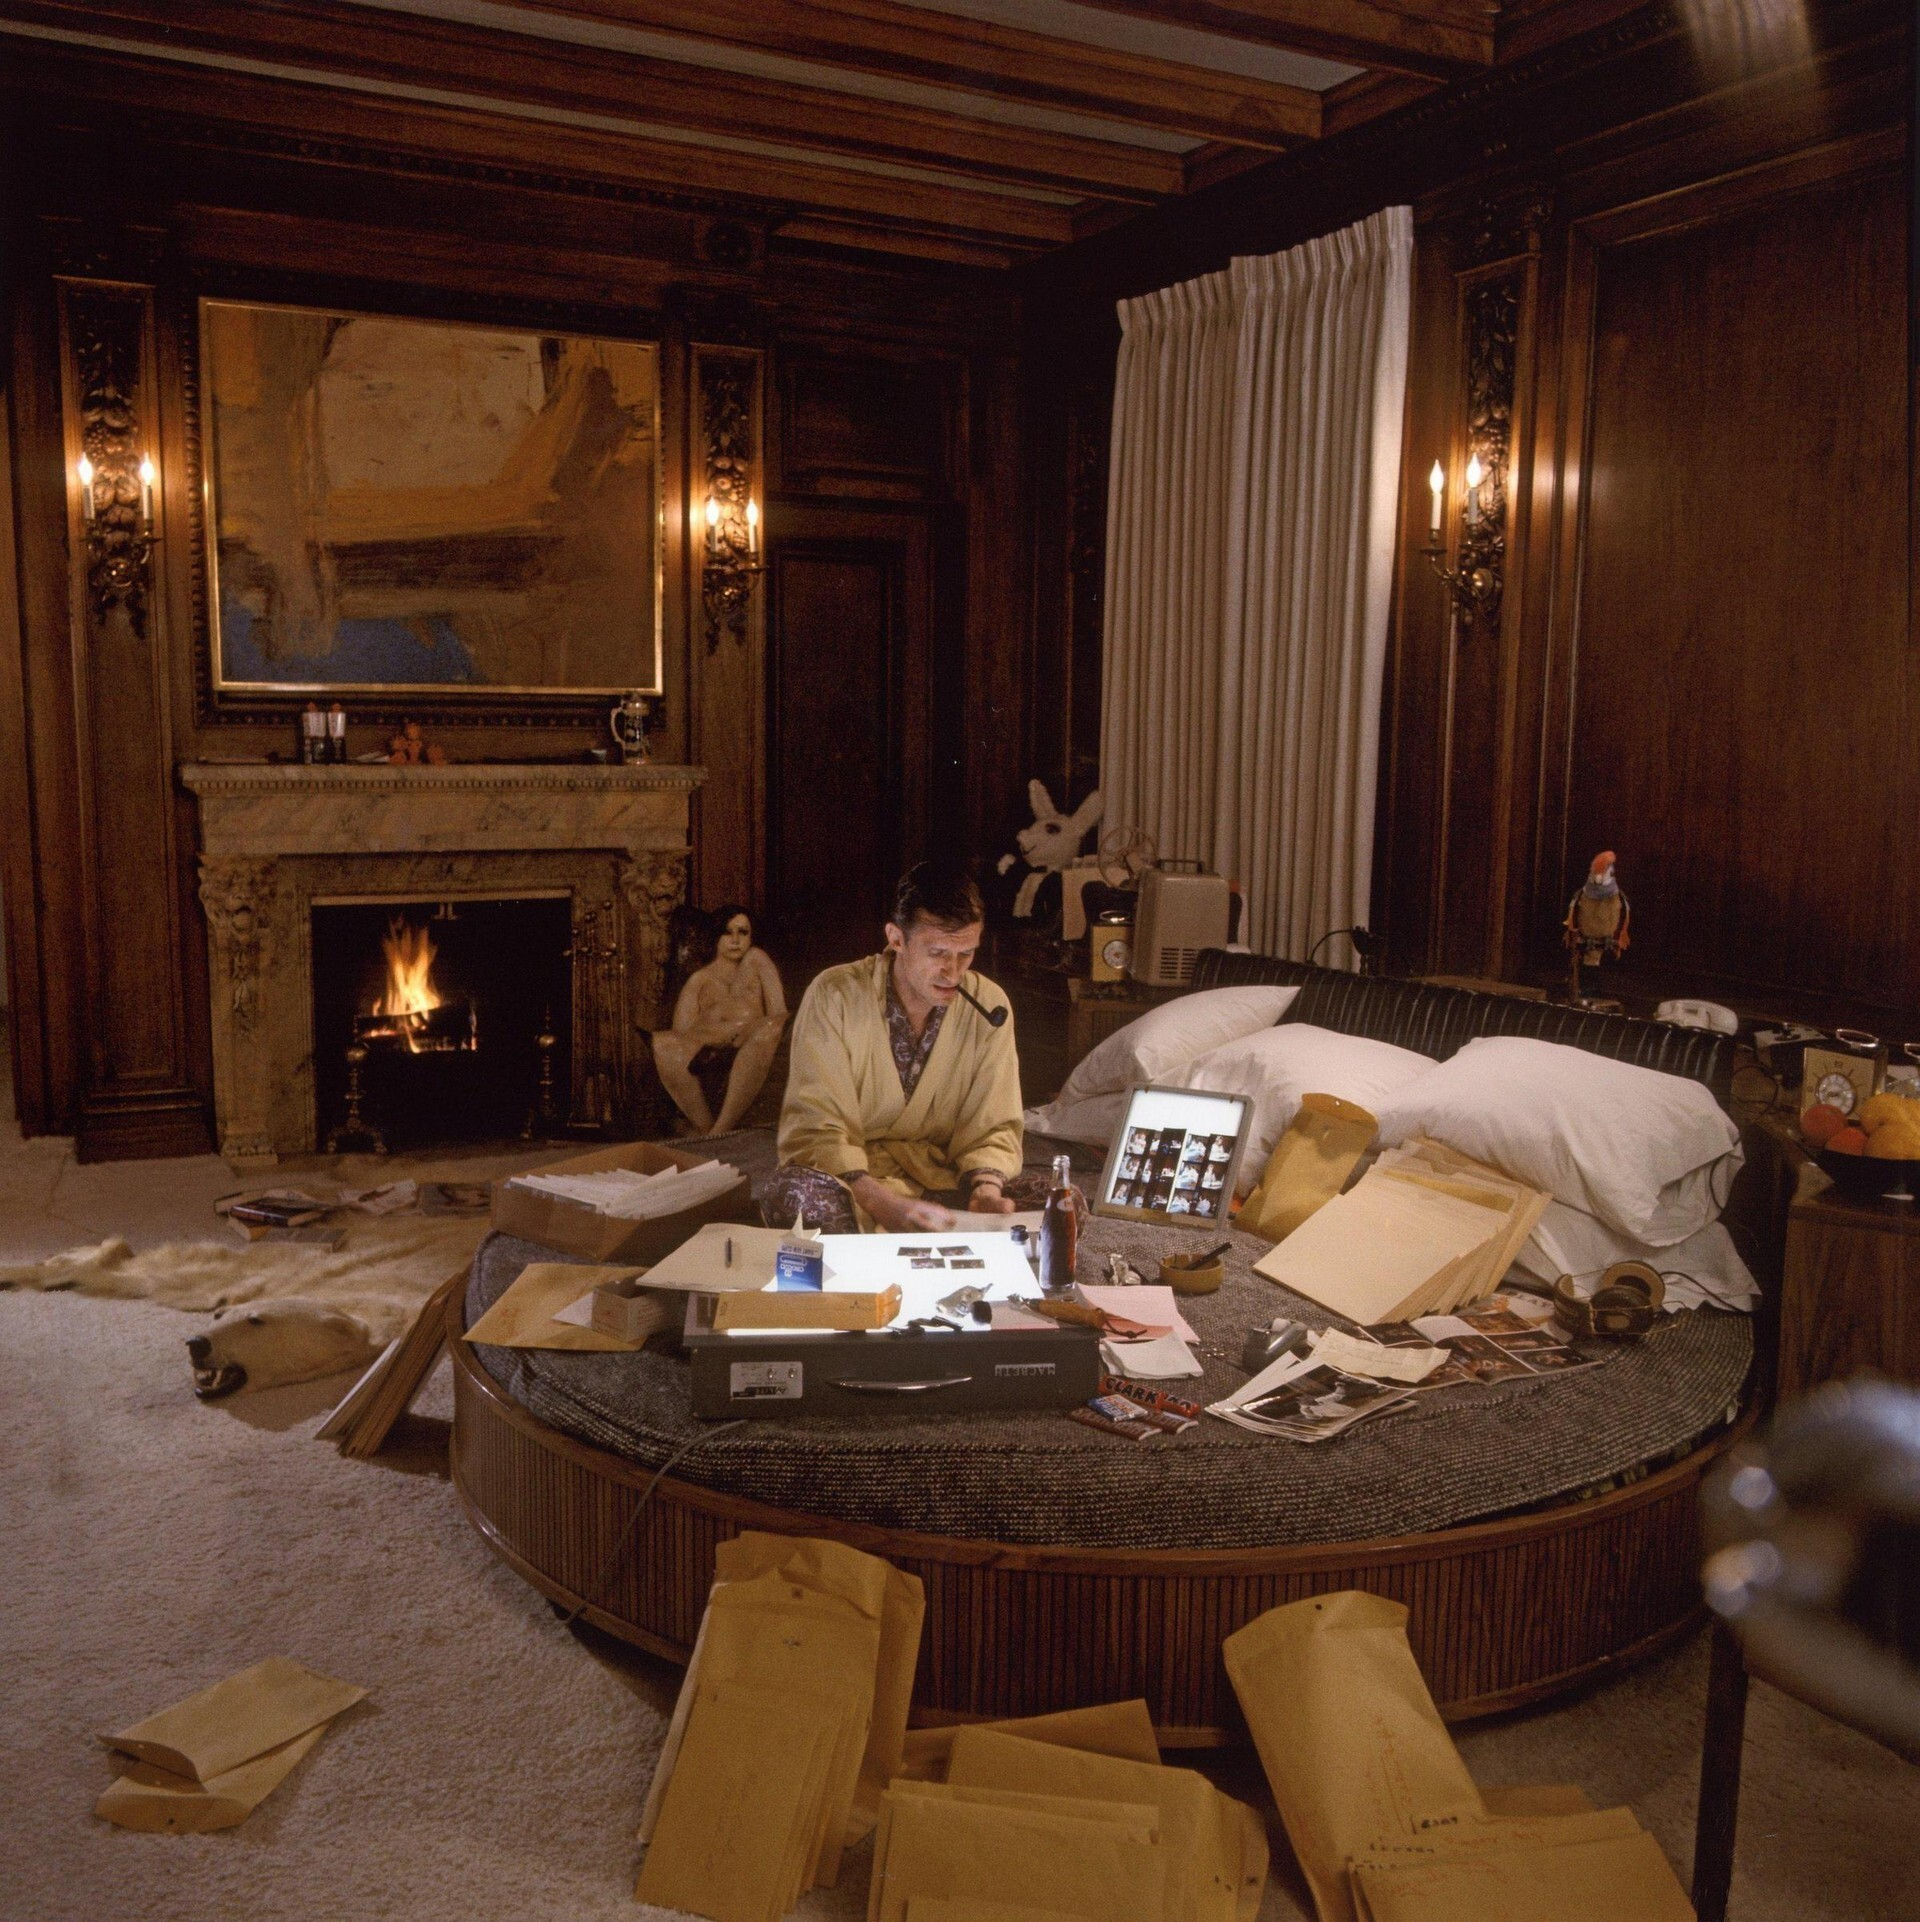 «Хью Хефнер на круглой кровати»,  январь 1966 года. Фотограф Ларри Гордон